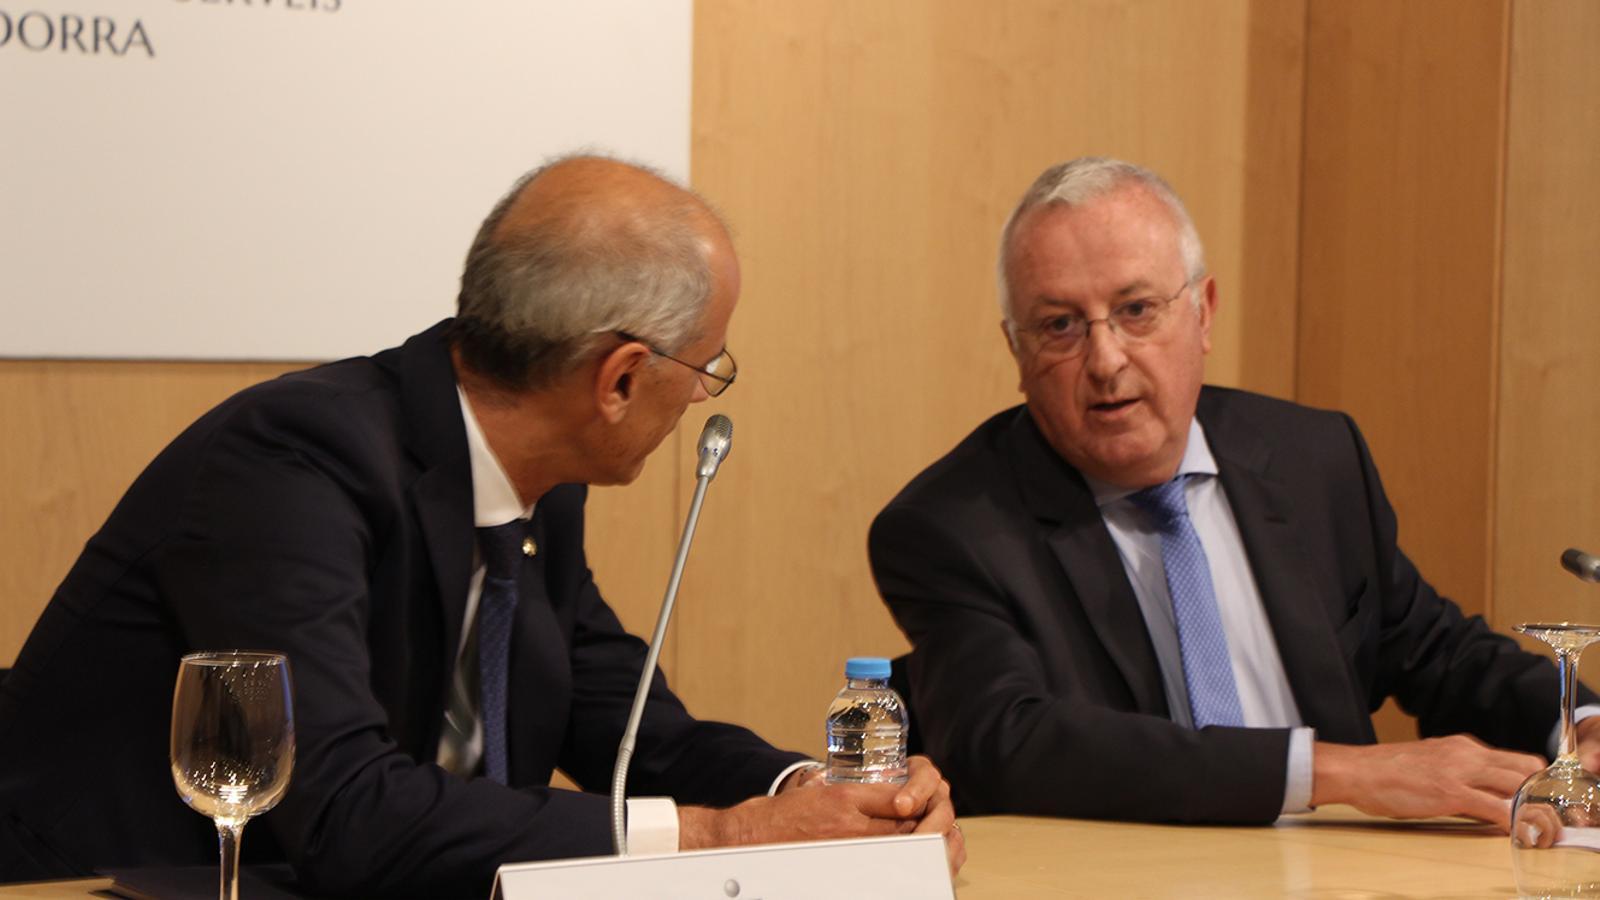 El cap de Govern, Toni Martí, i el president de la Cambra de Comerç, Miquel Armengol, en l'acte d'aquest dimarts. / B. N.